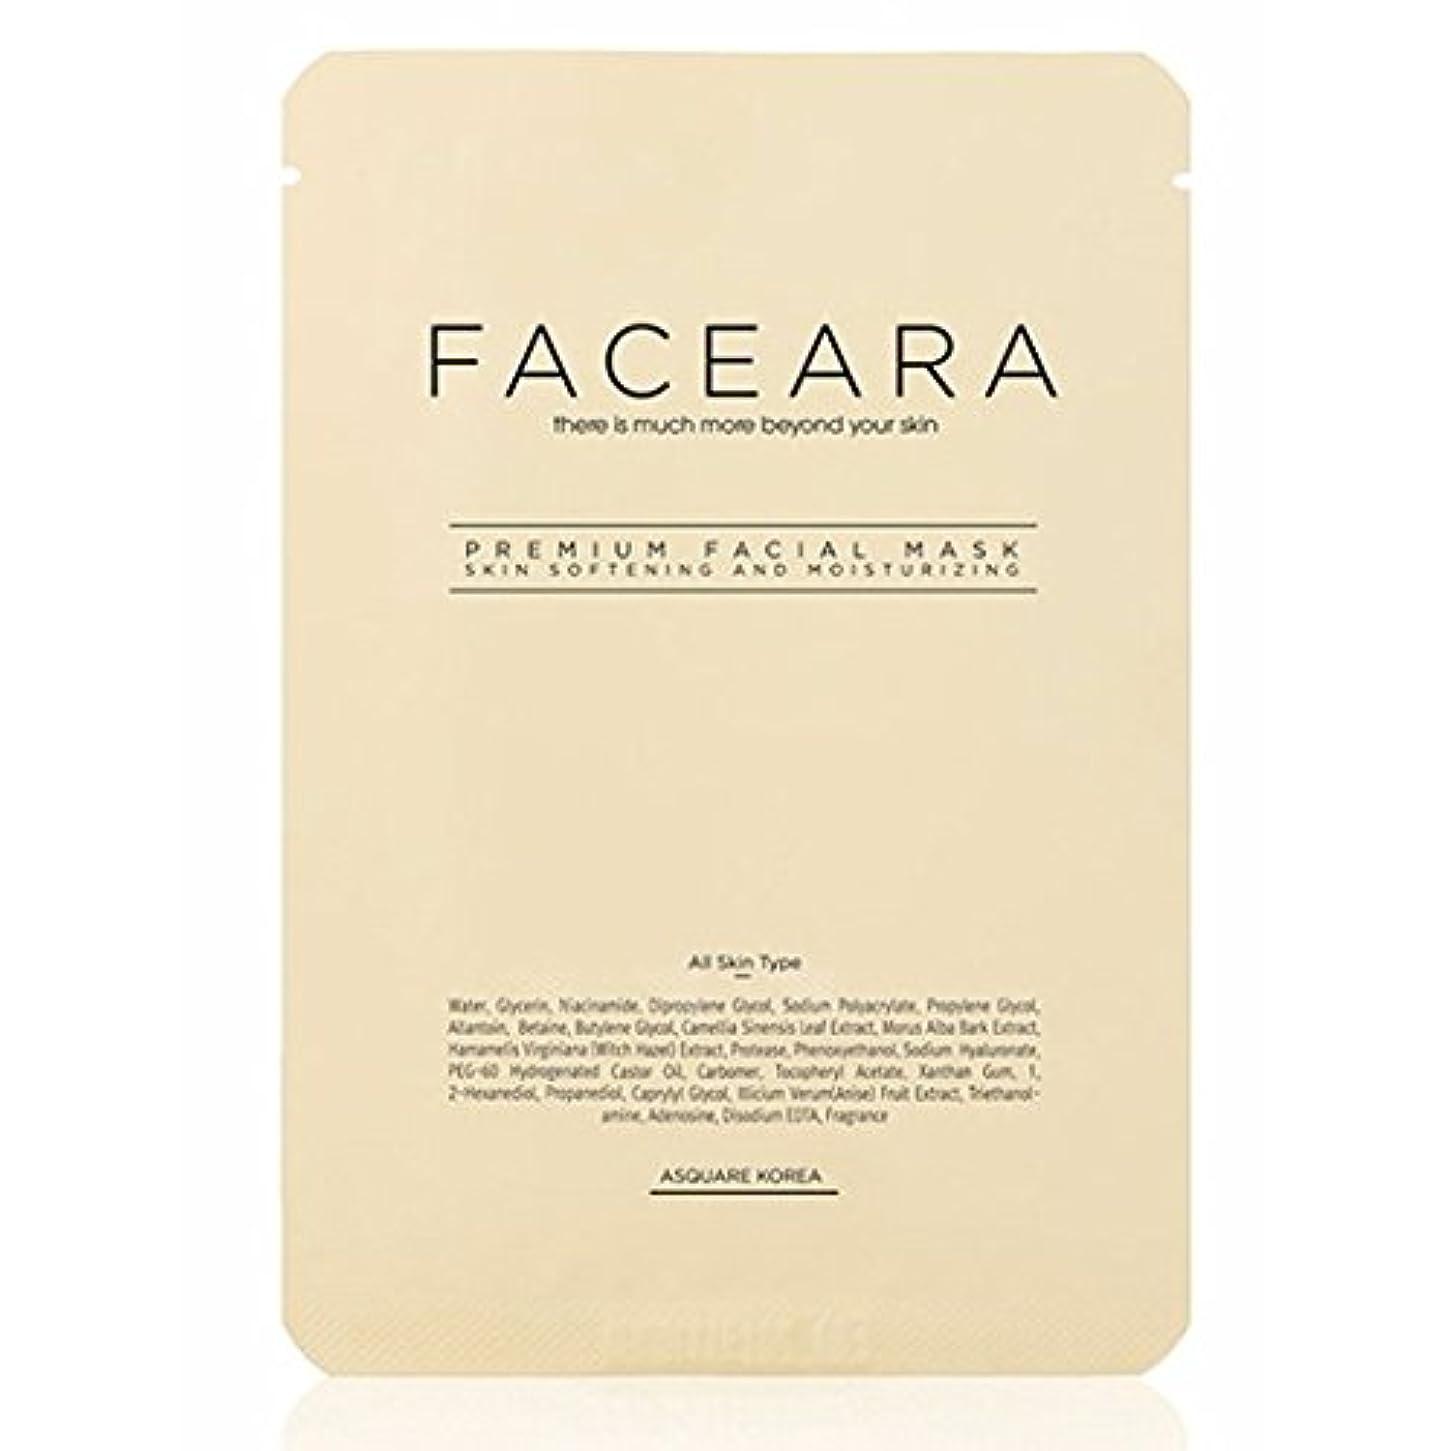 博物館識別する保証する[並行輸入品] FACEARA スクラブ&スーパーモイスチャライザー用プレミアムフェイシャルマスクシート25g 5本セット / FACEARA Premium Facial Mask Sheet for Scrub &...